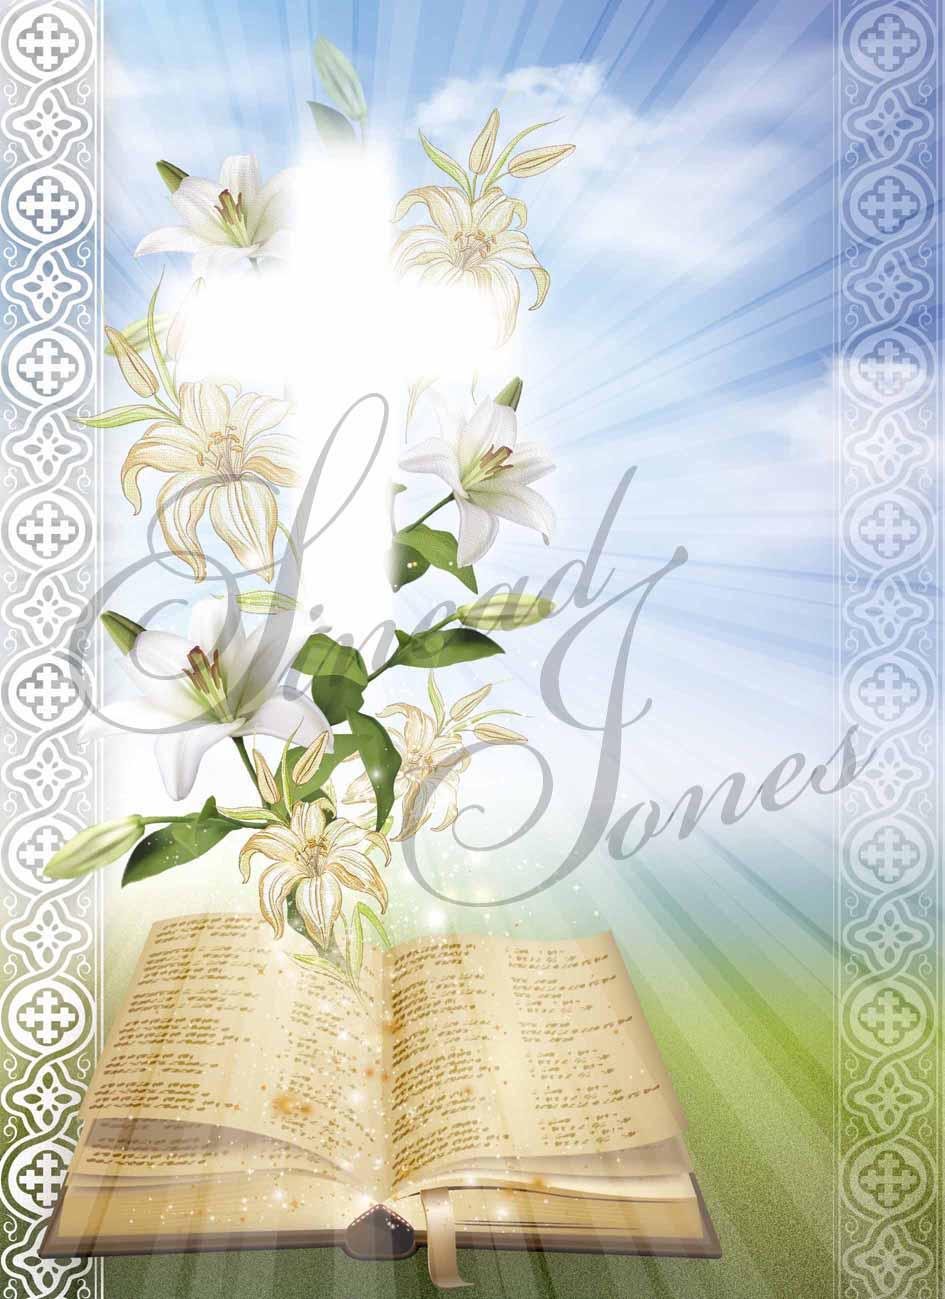 Sinead Jones Greeting Cards Artist Easter Religious Design